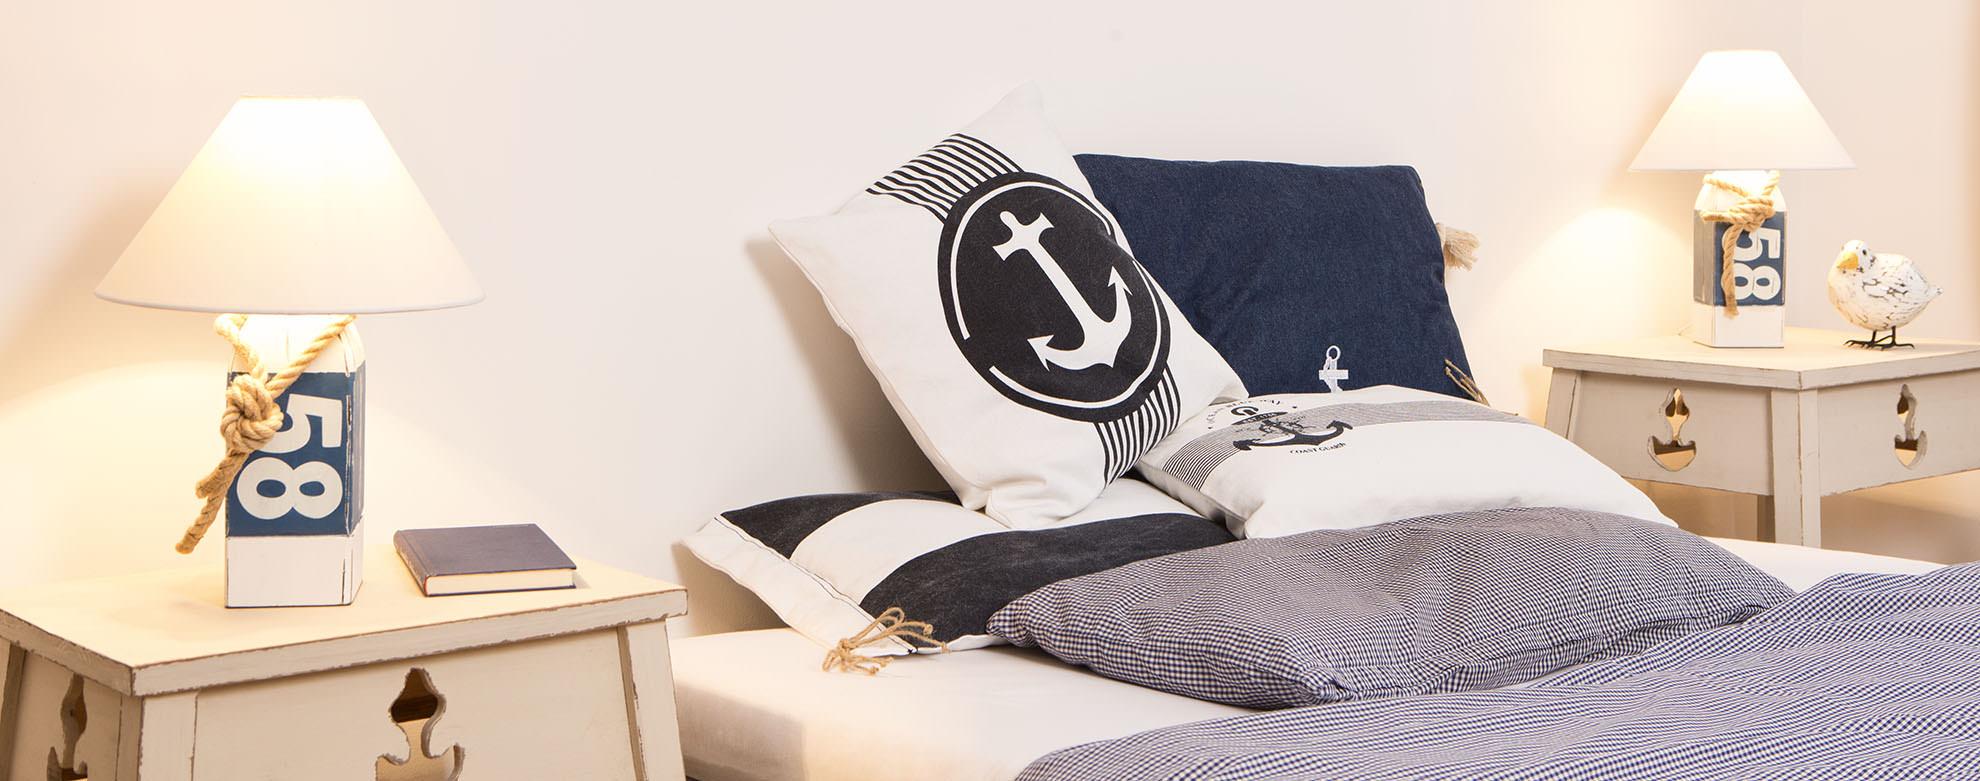 deko muscheln kaufen deko muscheln kaufen deko muscheln deko muscheln kaufen muschel deko deko. Black Bedroom Furniture Sets. Home Design Ideas